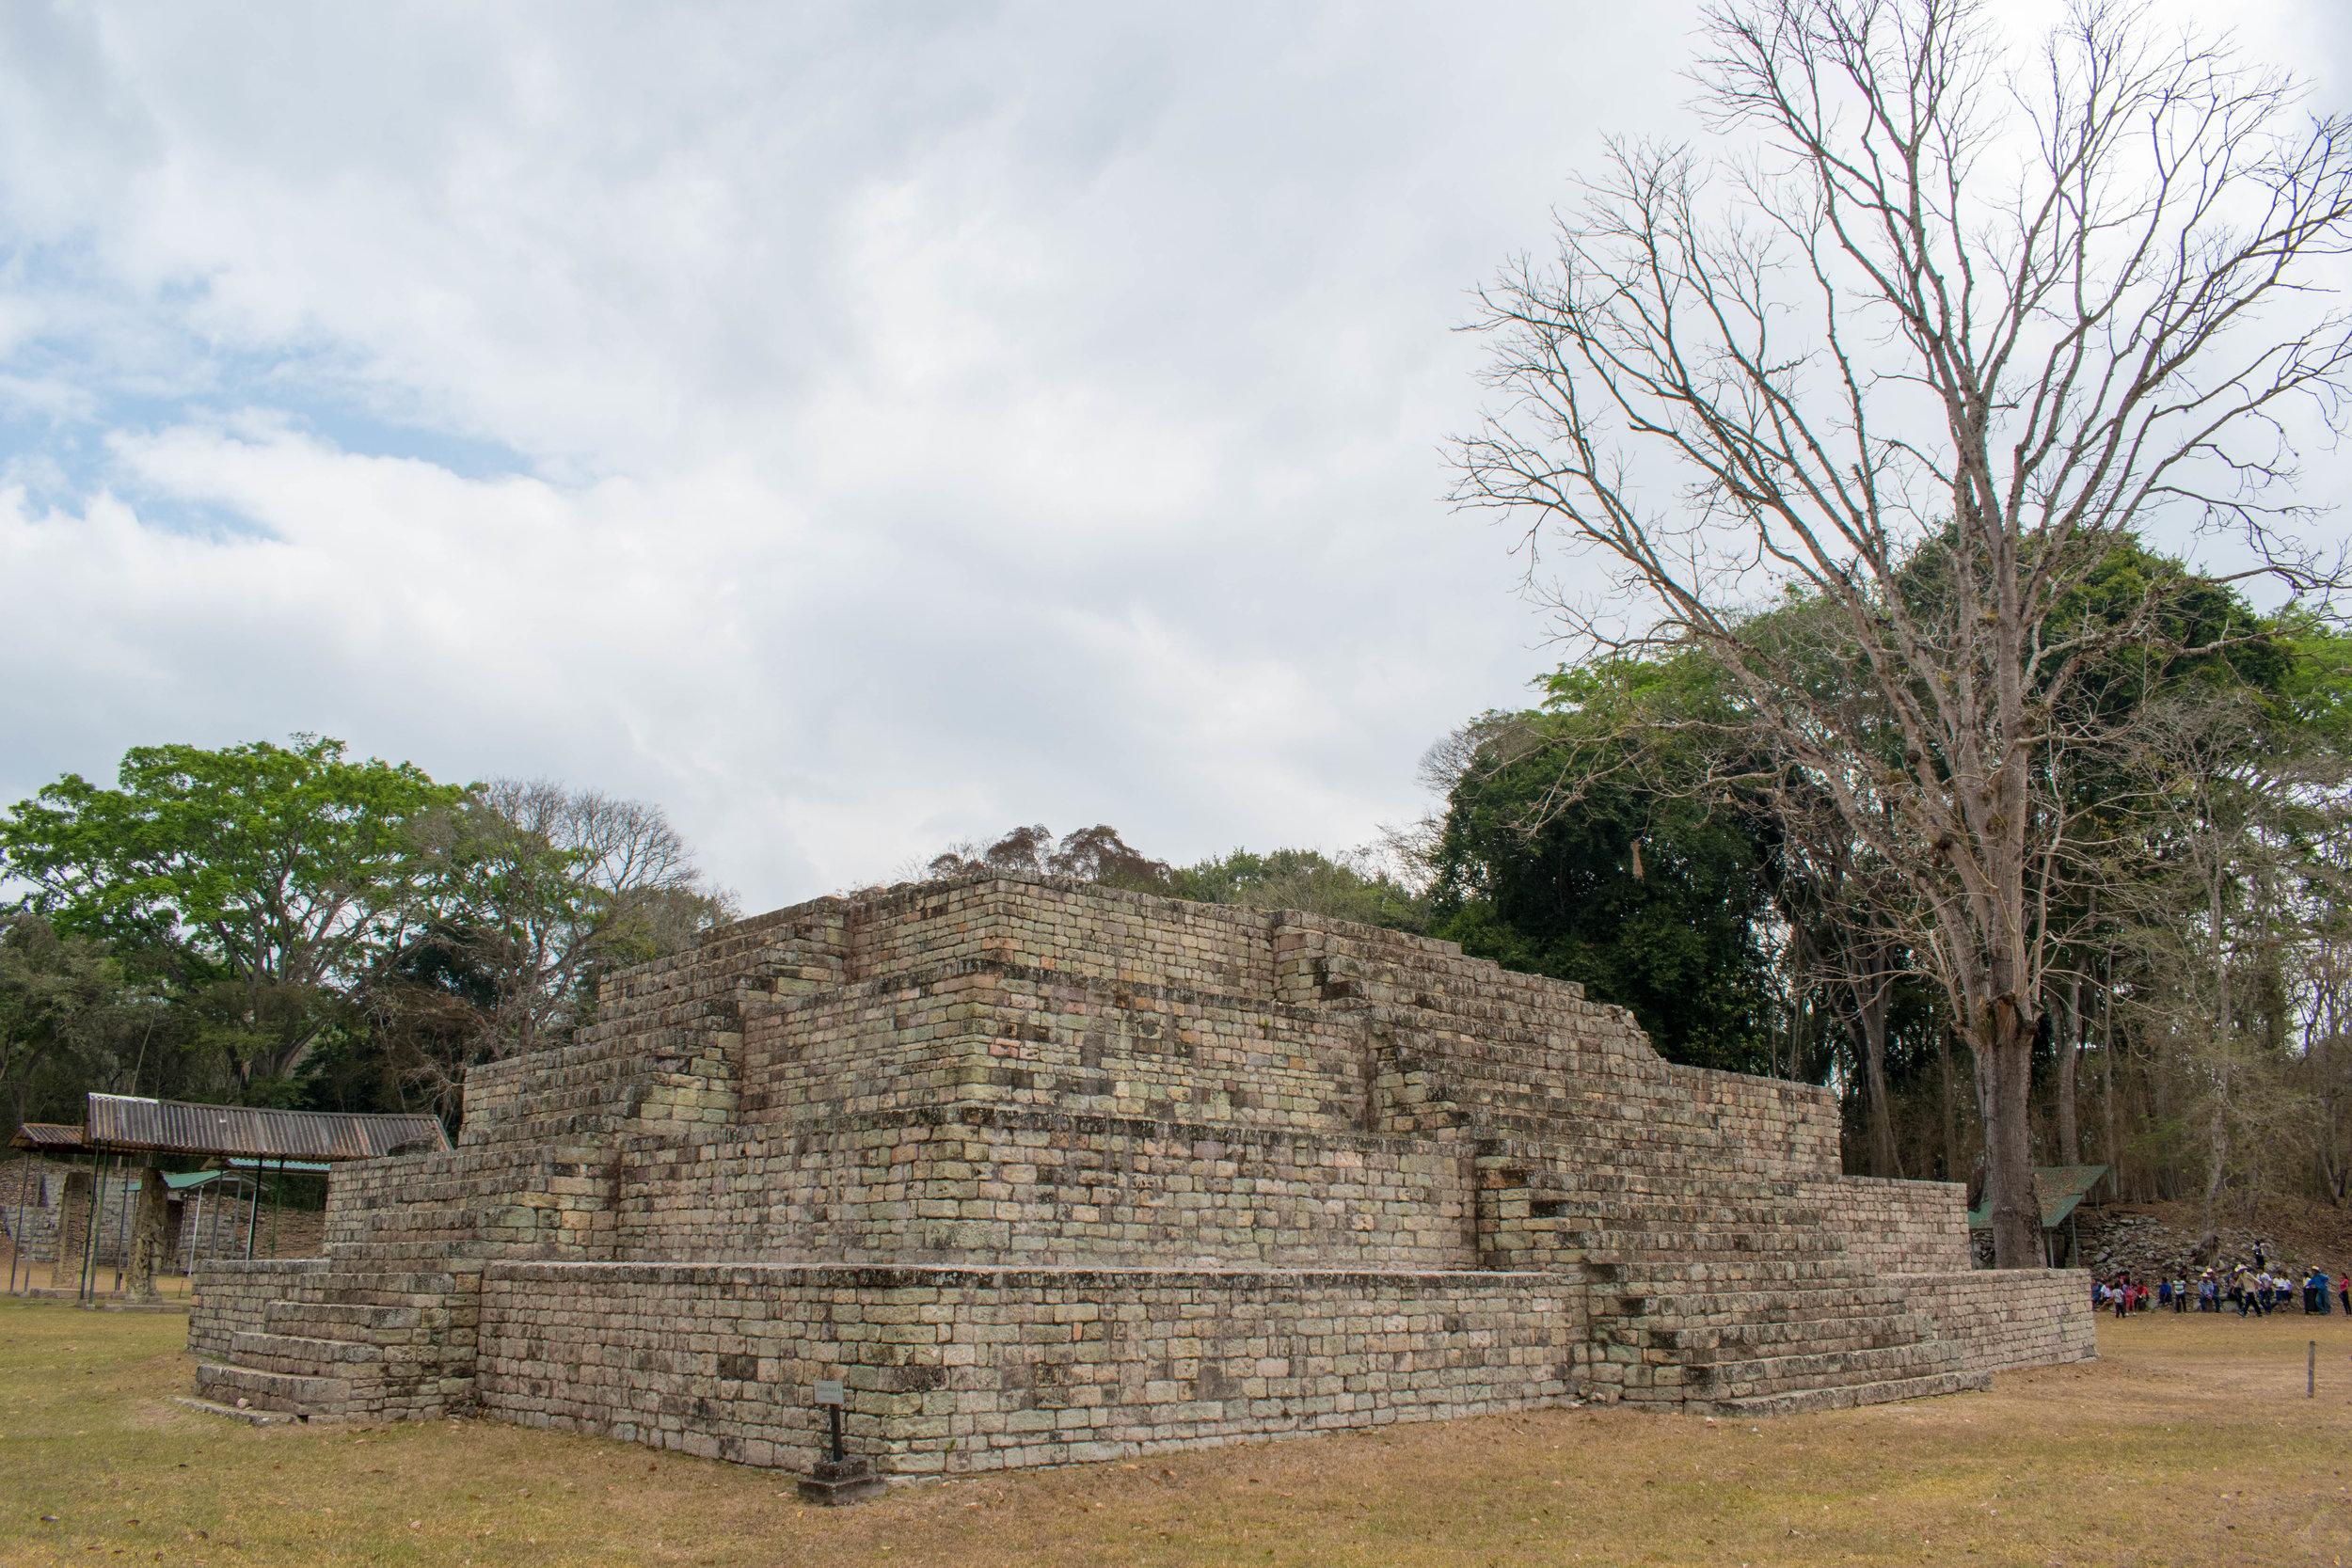 Stepped Pyramid in Copán, Honduras